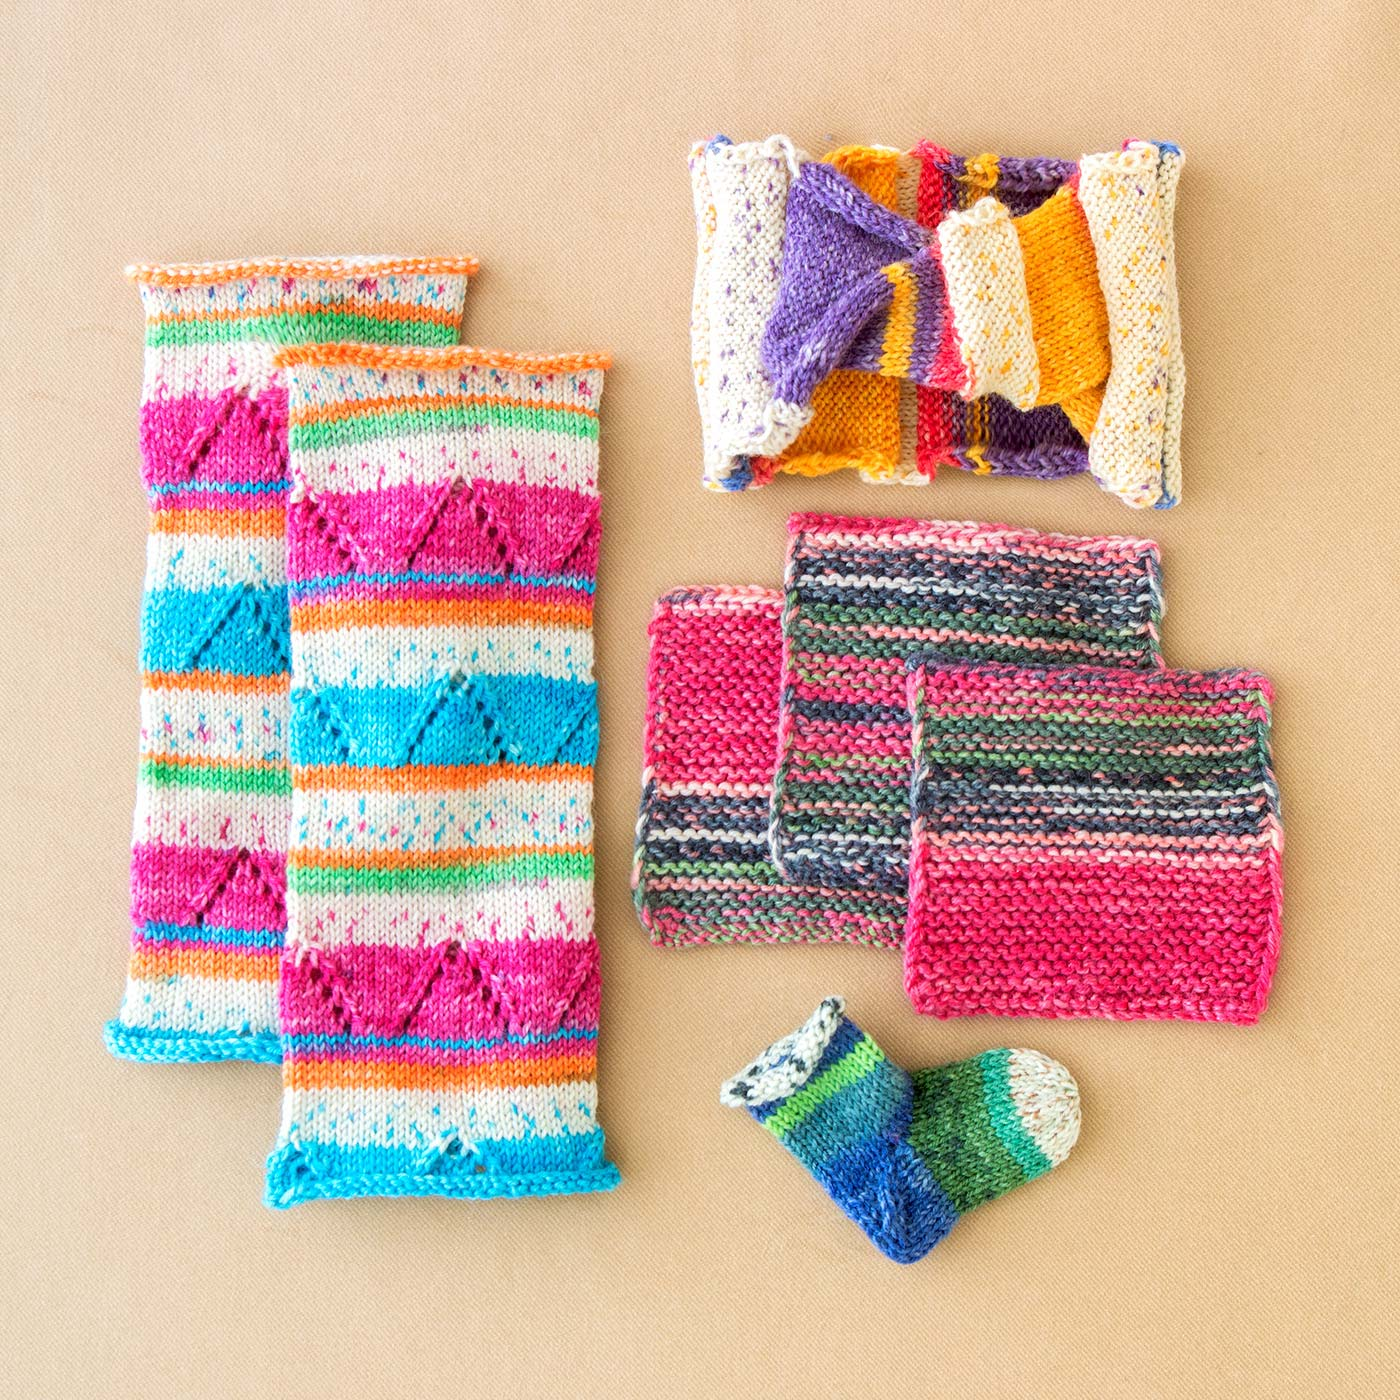 コースター、ヘアバンド、アームカバーなど、余った毛糸で編むおまけレシピつき。